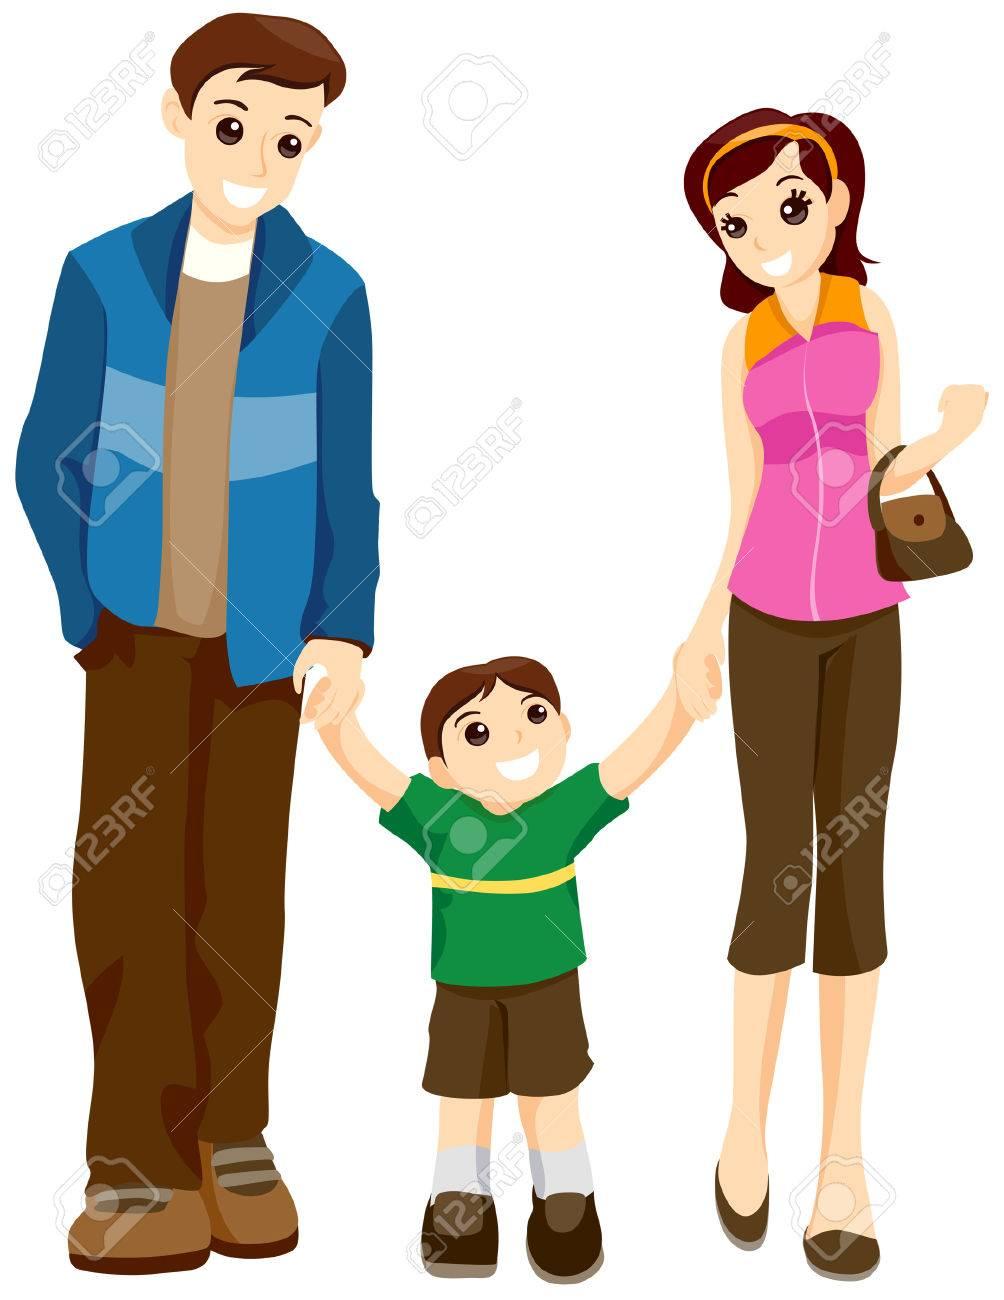 ME QUIERES CONTAR UN CUENTO?? 3902755-Caminar-con-los-padres-de-ni-os-con-limitaci-n-Ruta-Foto-de-archivo